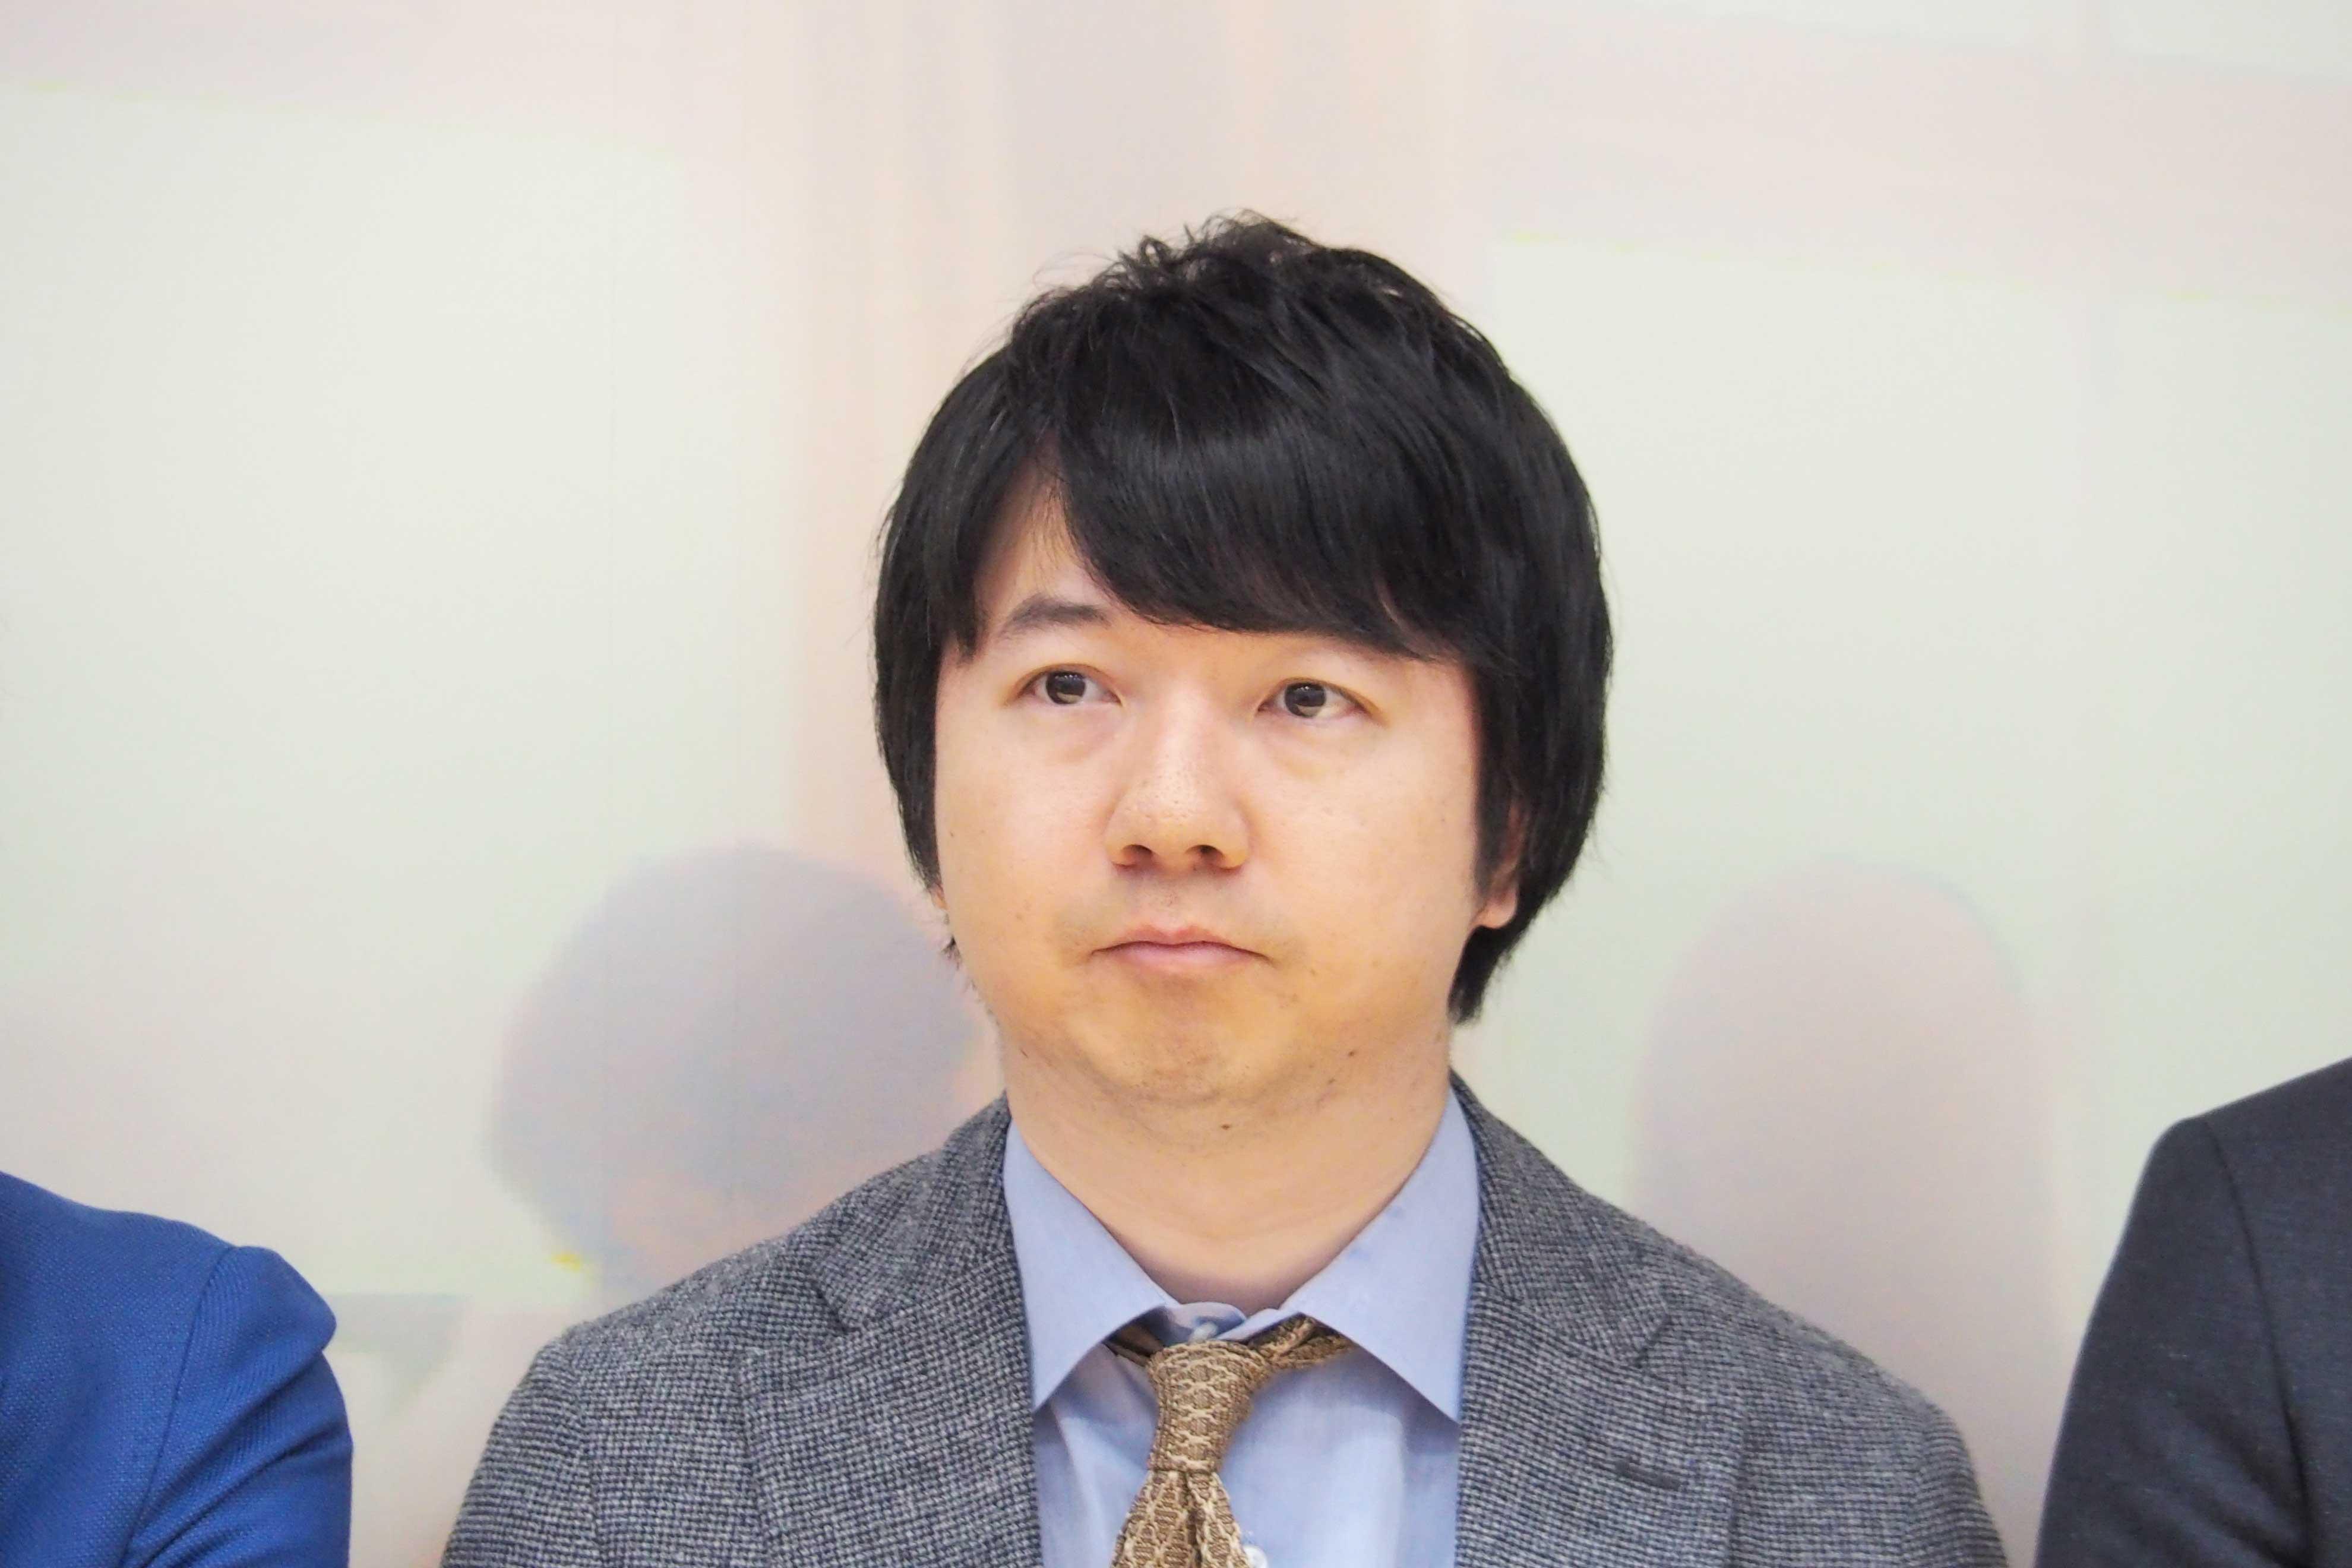 三四郎・小宮はピン芸人だと思われてる? 相方・相田の「知名度ゼロ説」